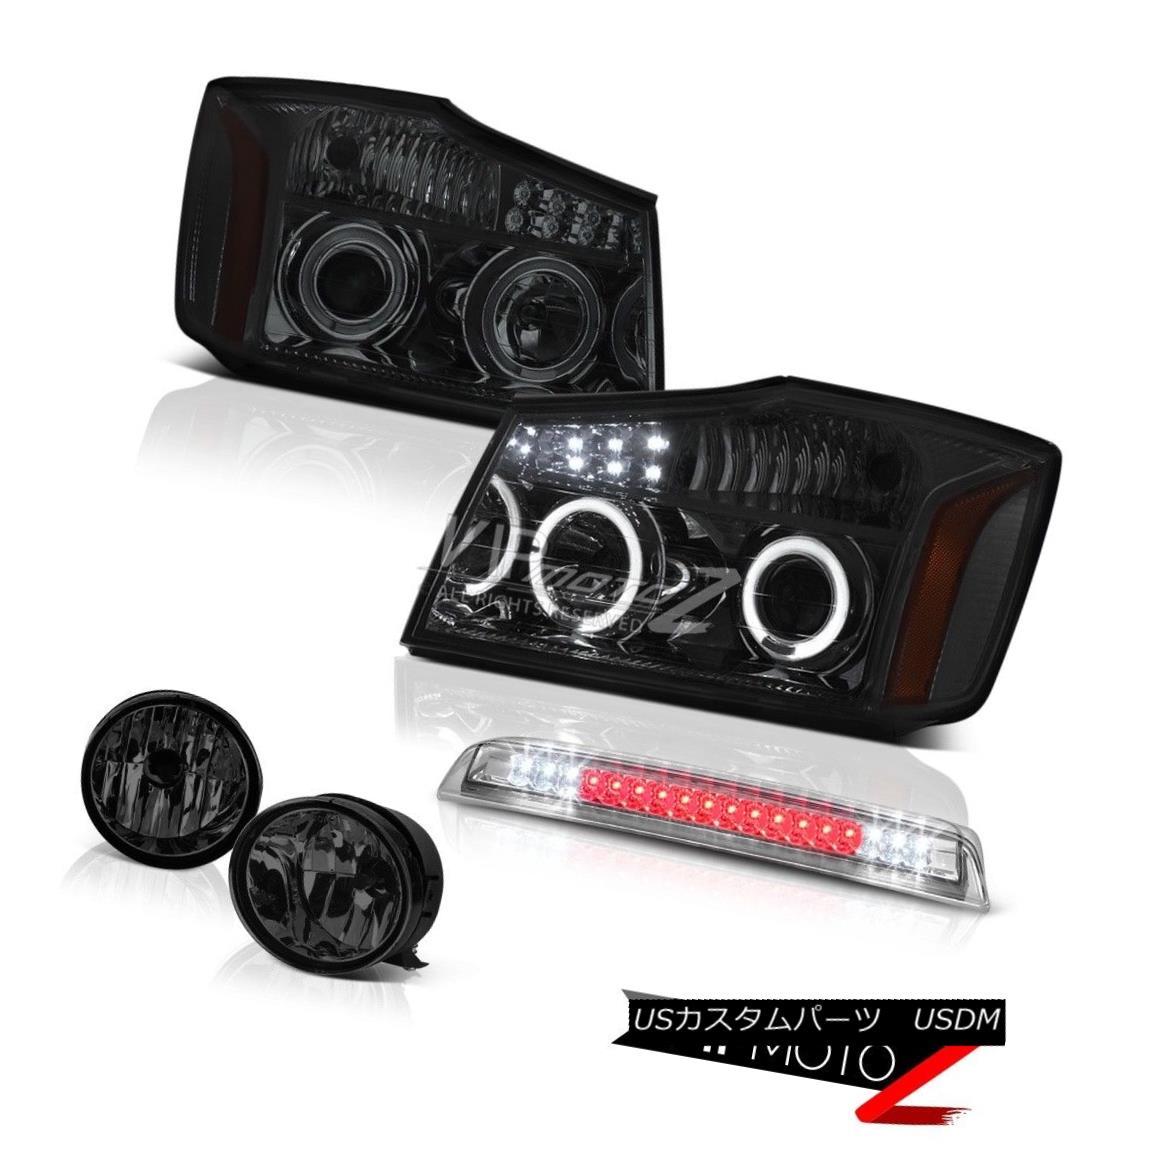 ヘッドライト Dark Smoke Halo LED Headlights Fog High 3rd Brake Light For 2004-2015 Titan SL ダークスモークハローLEDヘッドライト2004年?2015年のフォッグハイの第3ブレーキライトTitan SL